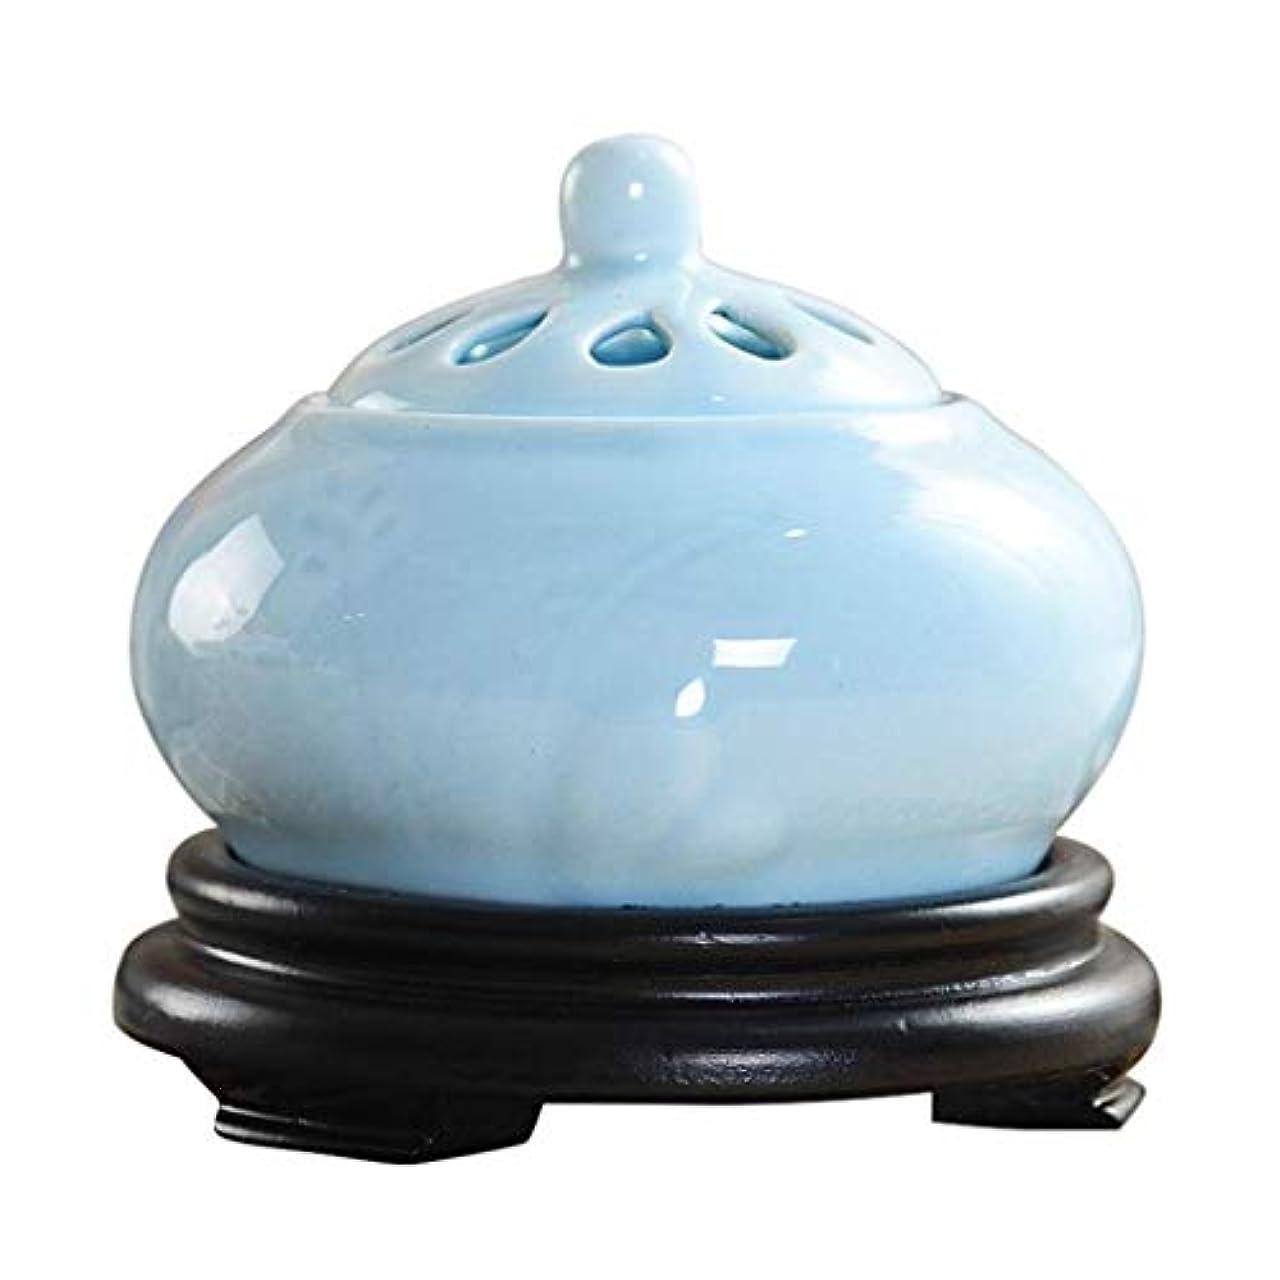 マリナー公園青MYTDBD 電子セラミックアロマセラピー炉、電気ディフューザーホーム磁器、タイミング?温度制御香炉、複数の色 (Color : Blue)